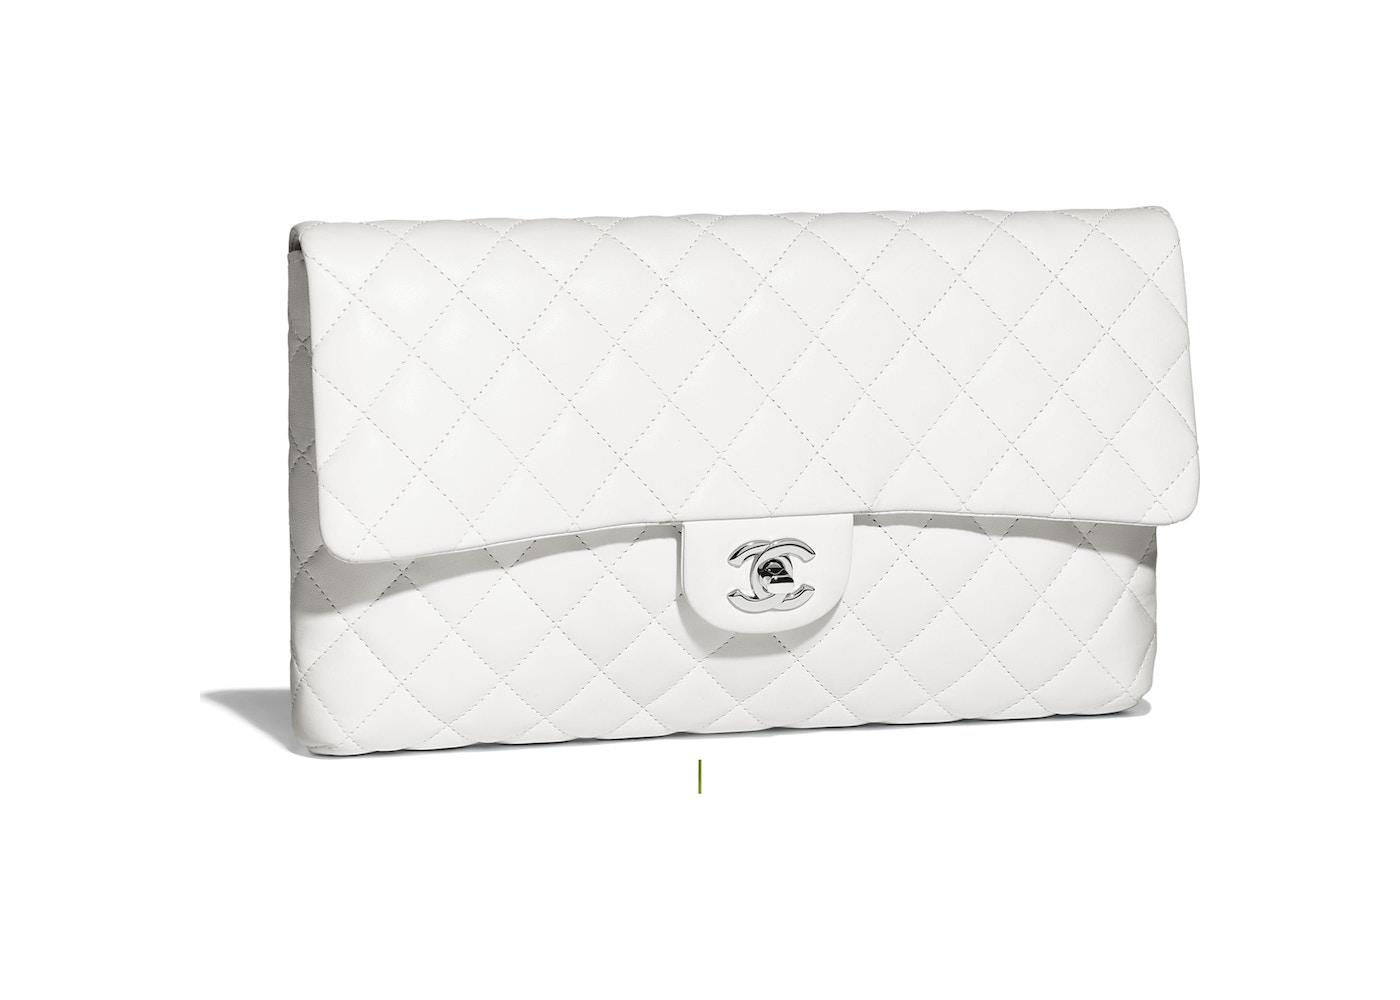 43683c4c722c Chanel Clutch White. White